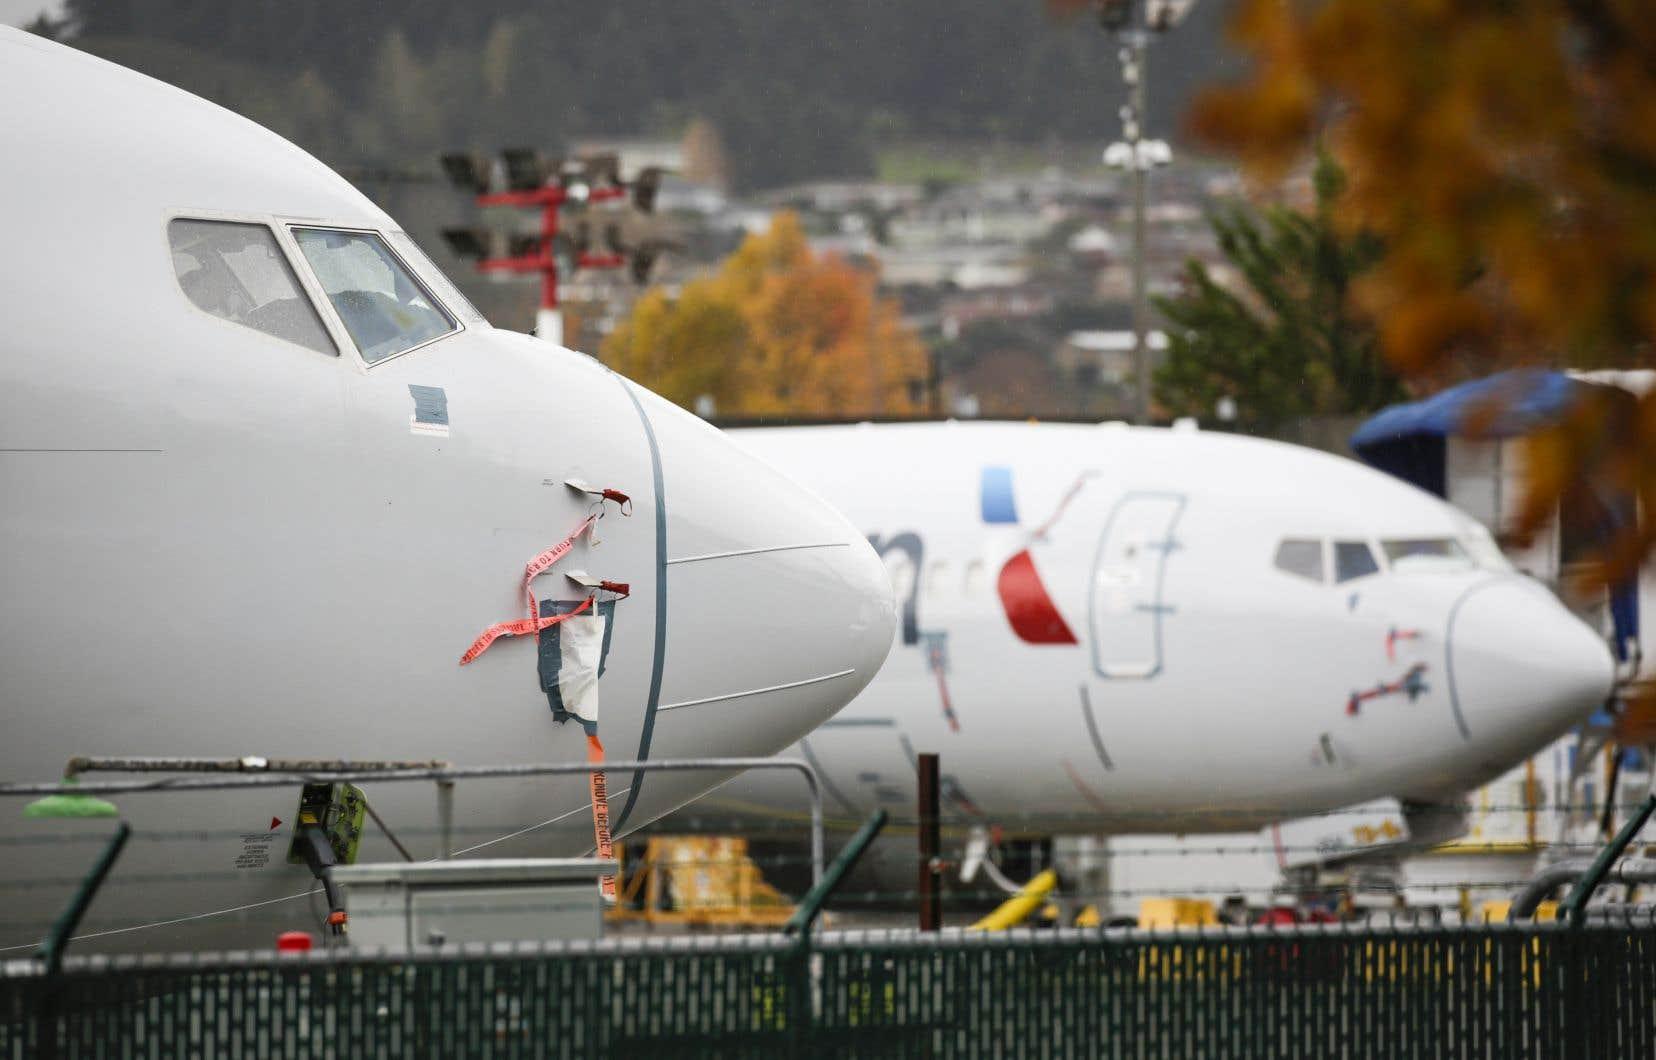 Boeing est accusé de ne pas avoir fourni toutes les informations lors du processus d'approbation du 737 MAX, dont deux exemplaires se sont écrasés en vol.